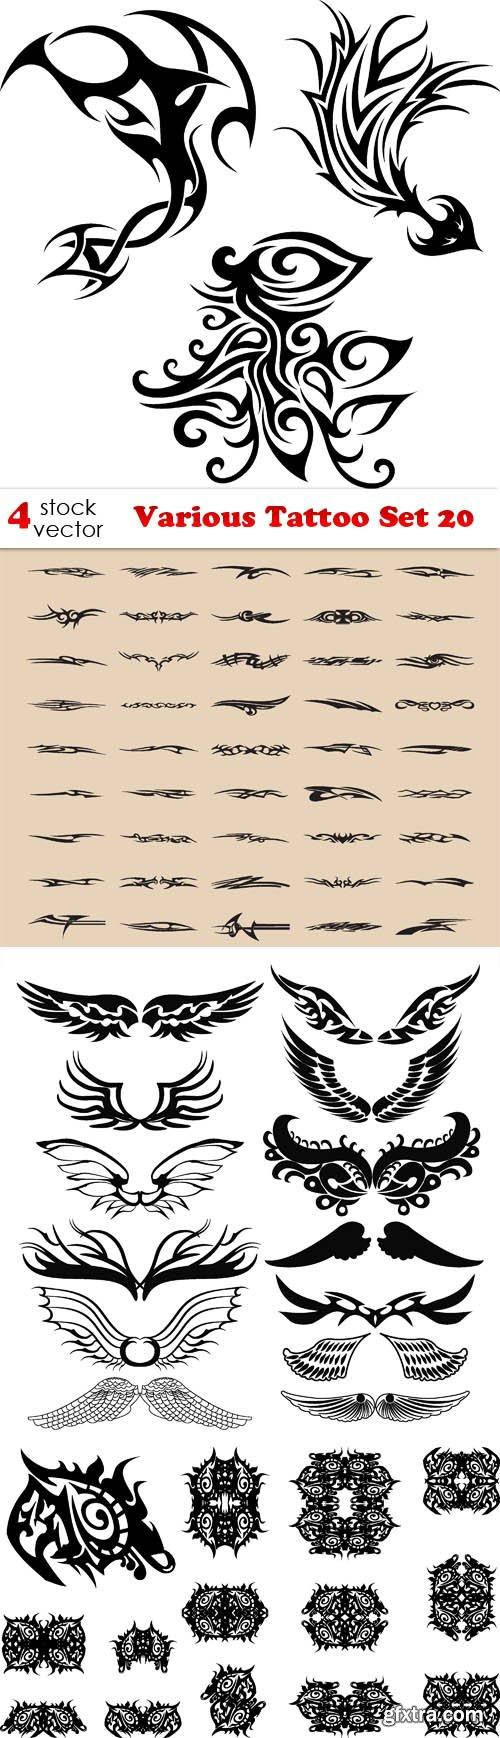 Vectors - Various Tattoo Set 20